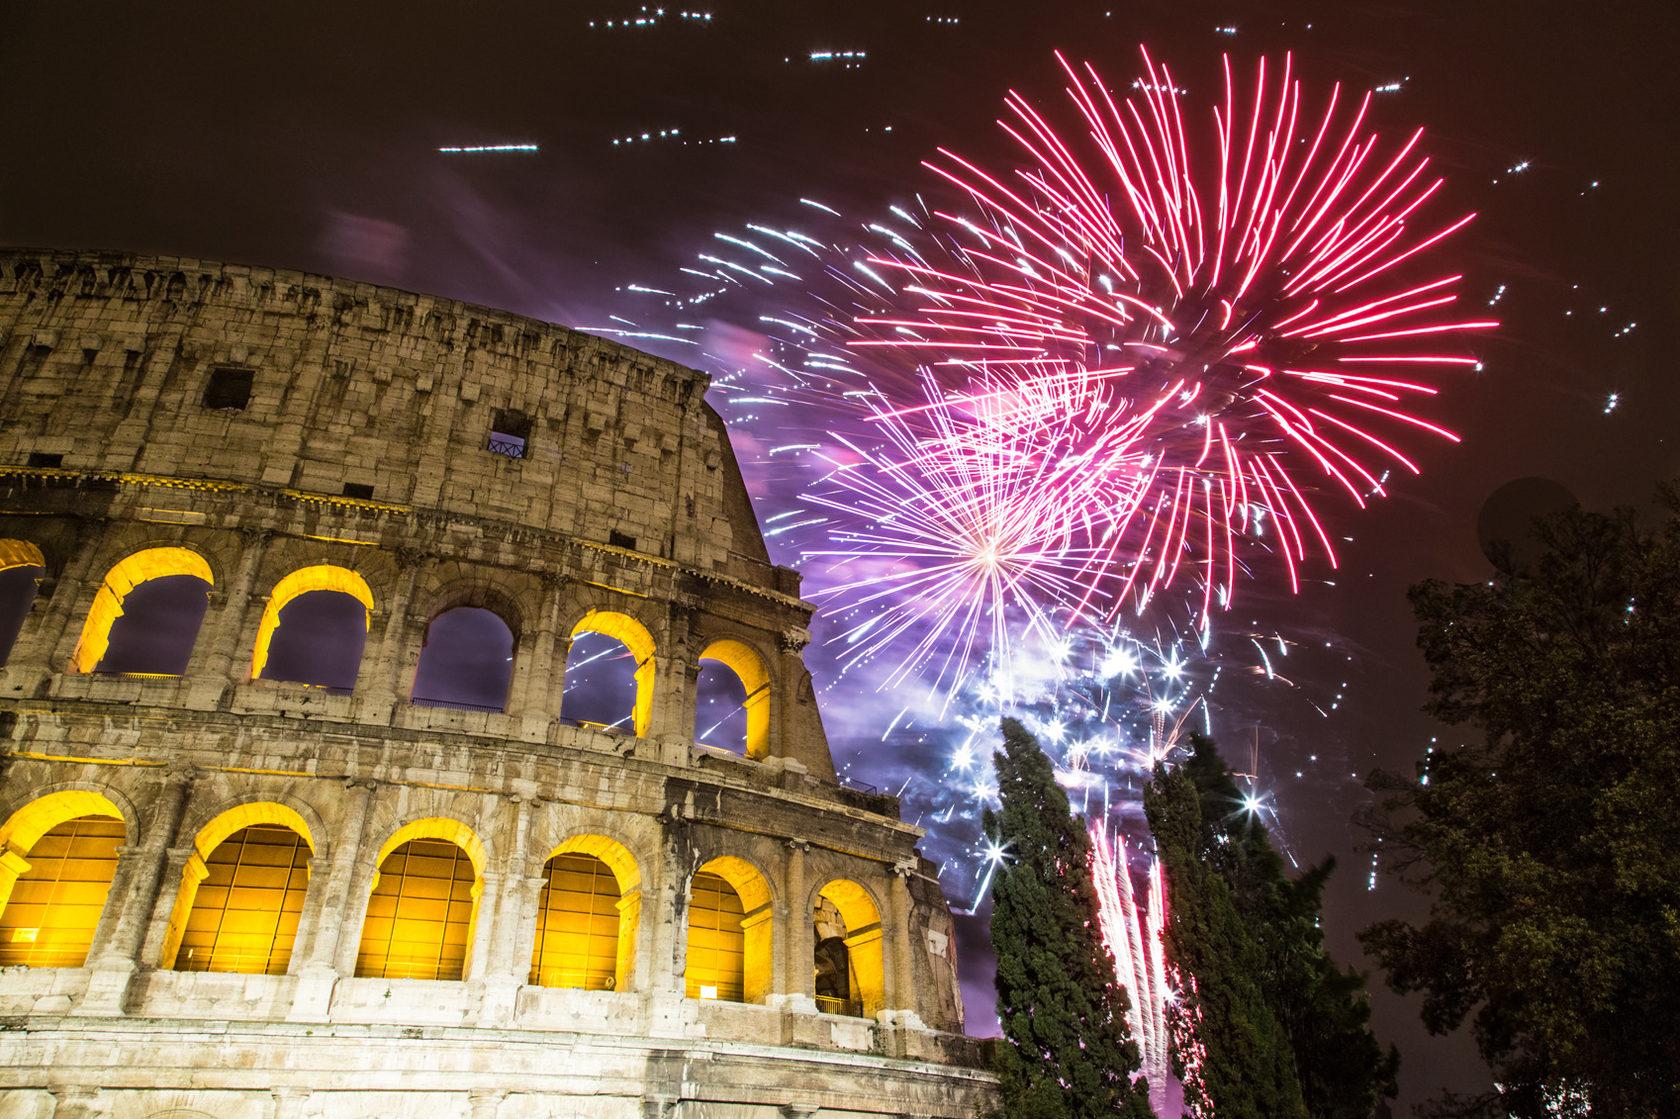 что говорить новый год в италии картинки открытка горящими свечами